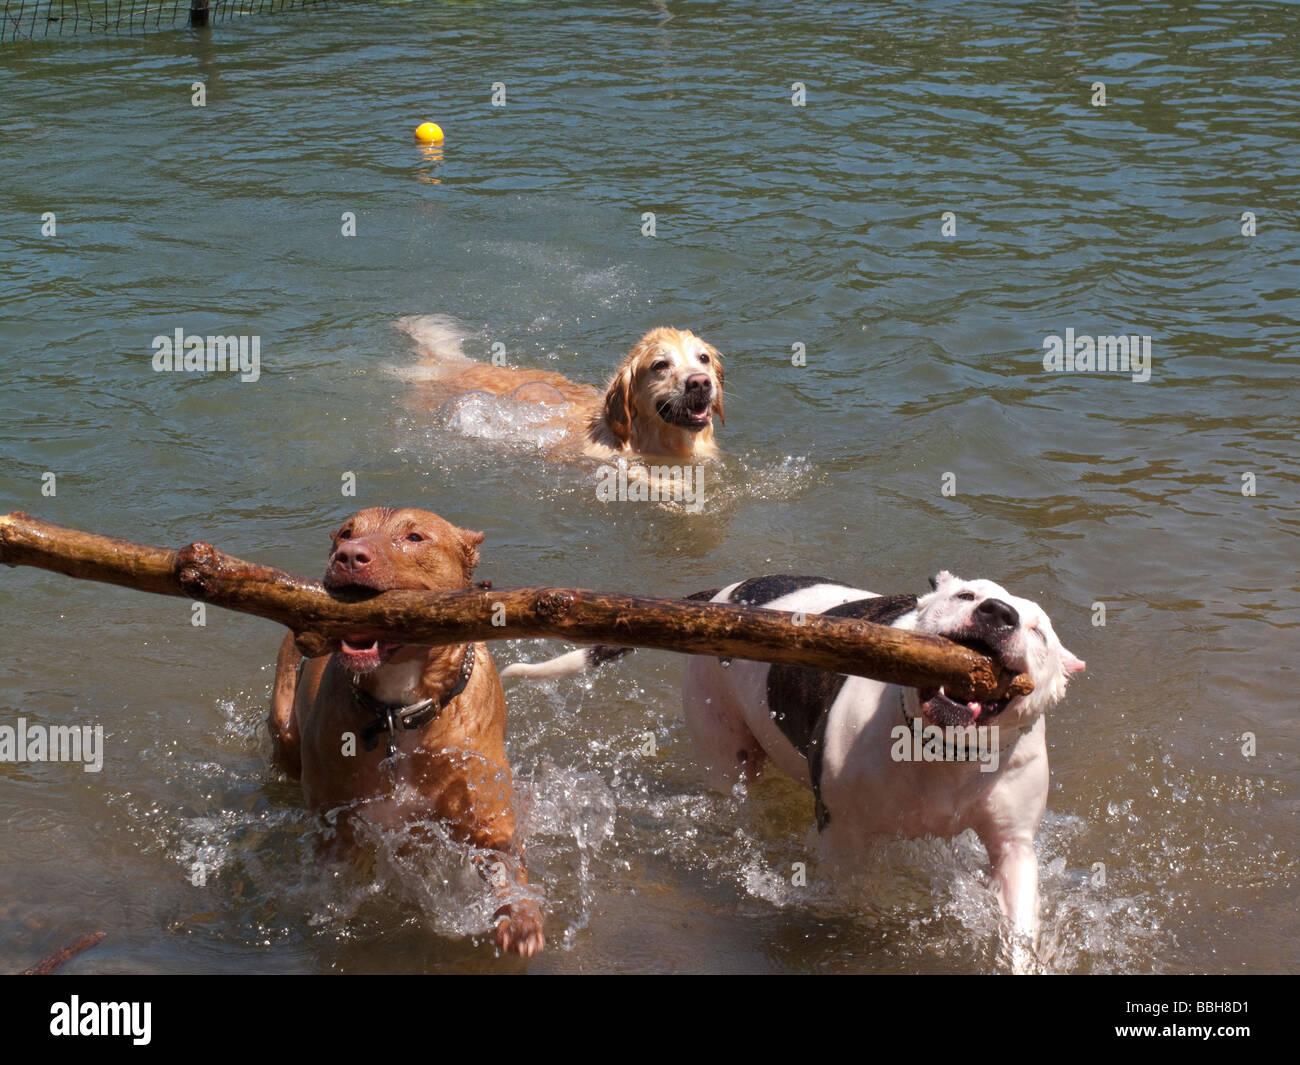 Zwei Pitbulls tragen einen Zweig aus dem Wasser am Hundestrand Stockbild